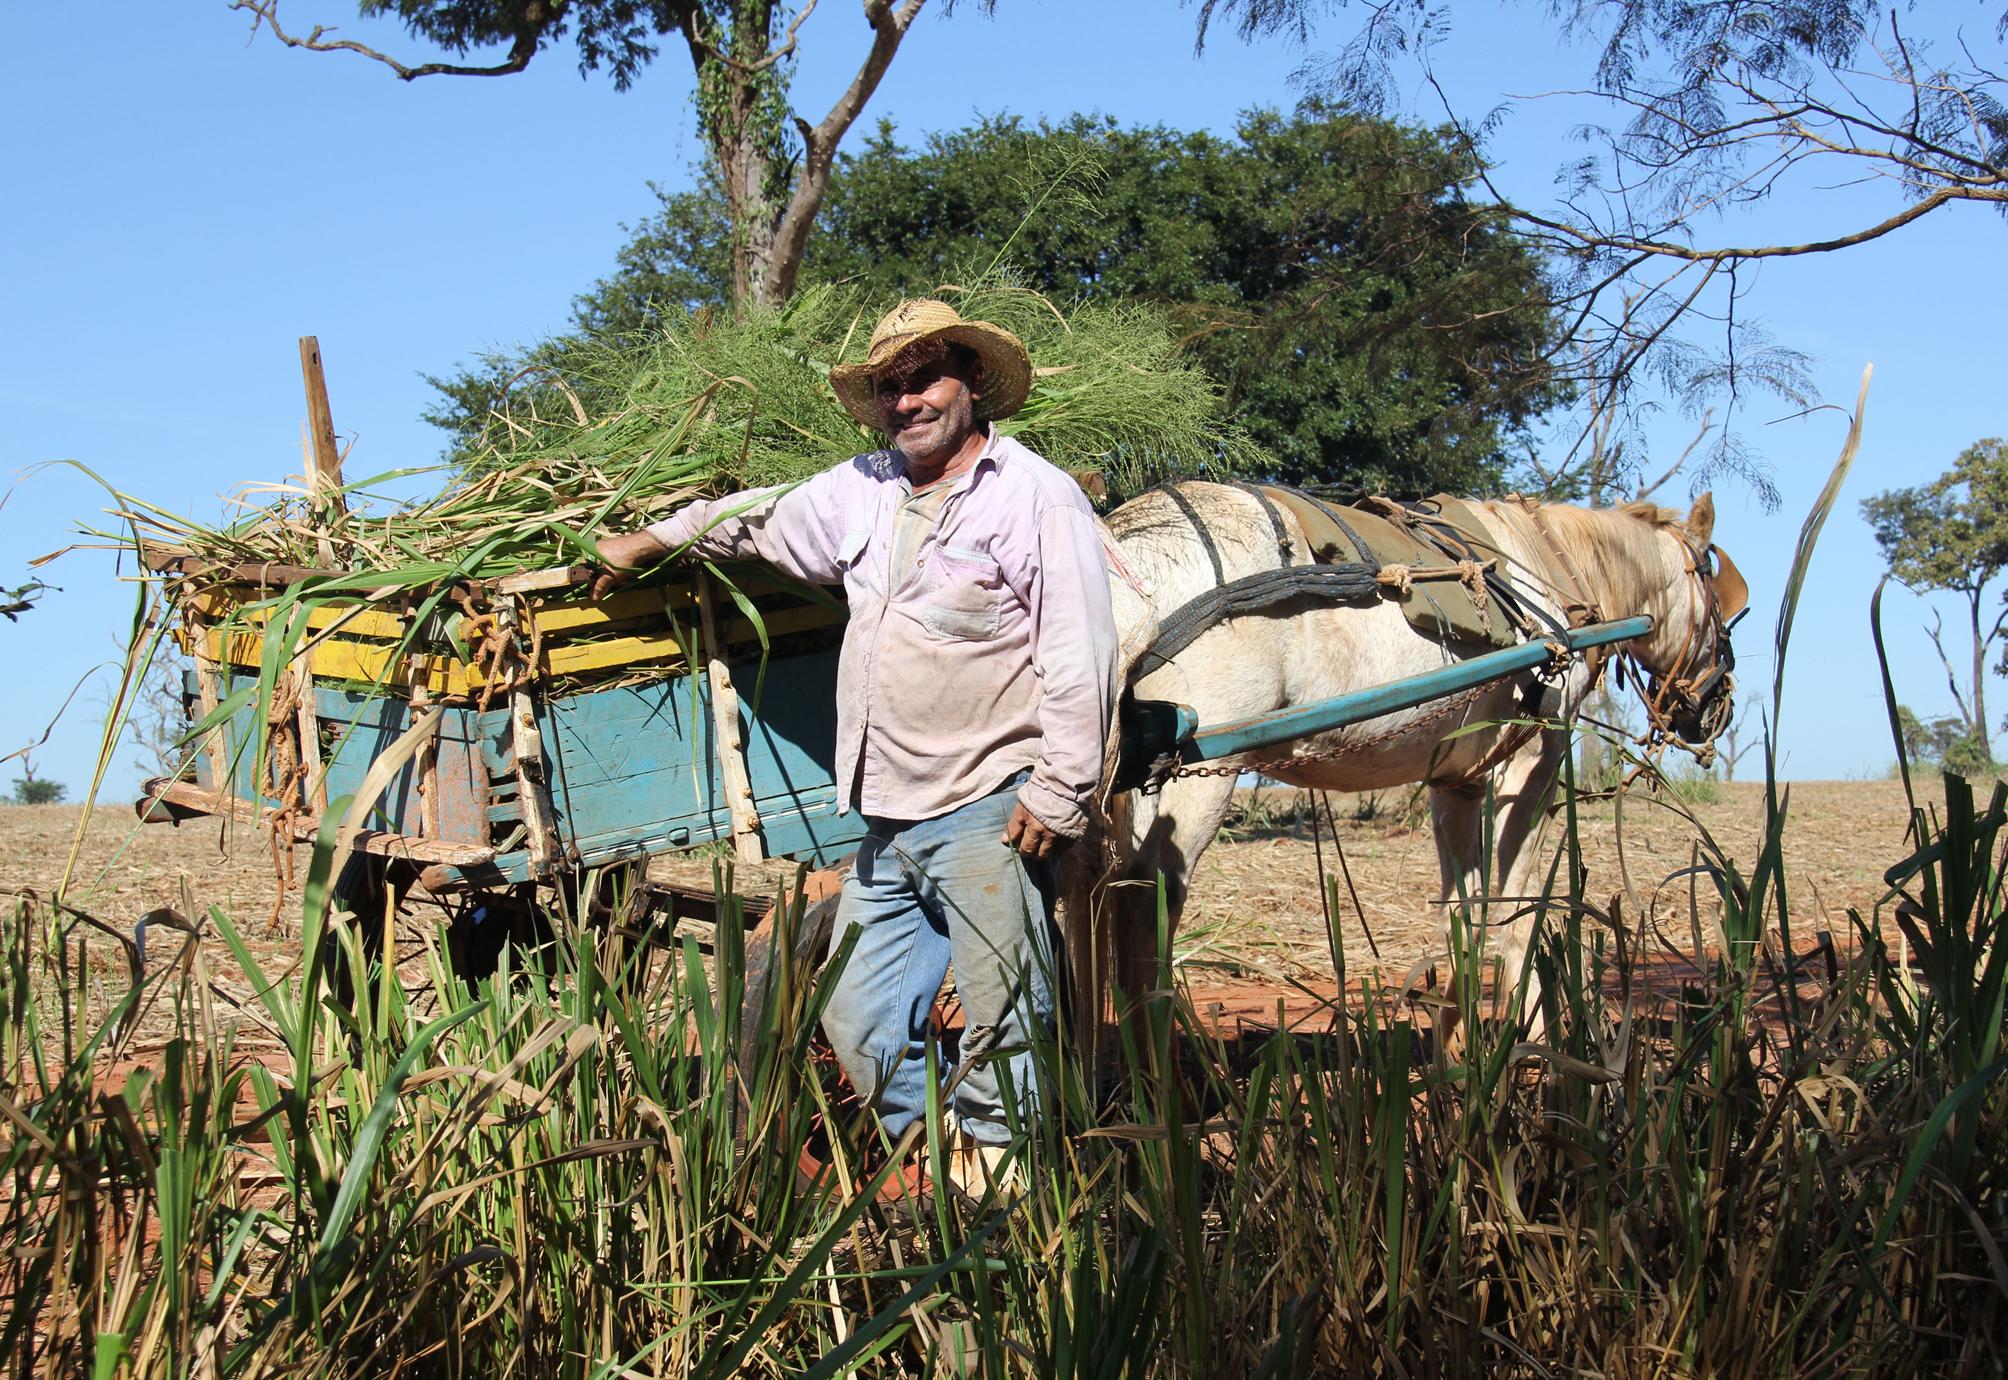 Agropecuária - geral - produtores rurais fazendas rural campo trabalhador